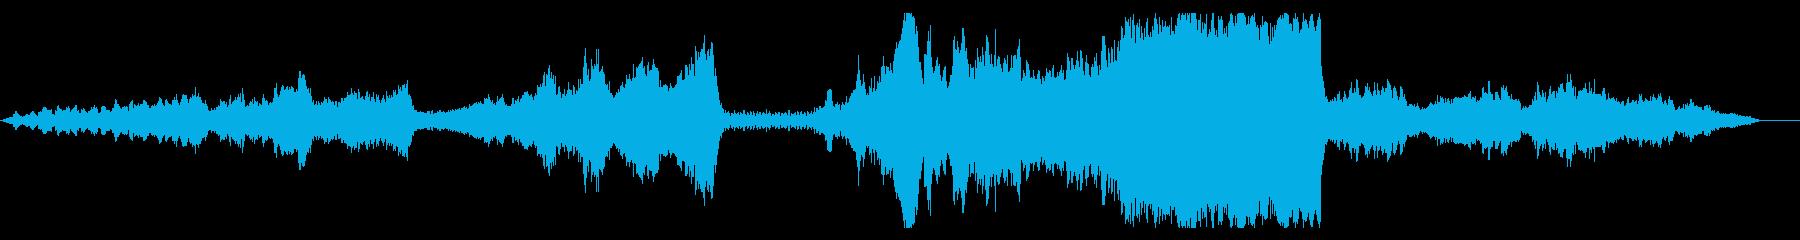 大自然壮大オケ per pno syn無の再生済みの波形